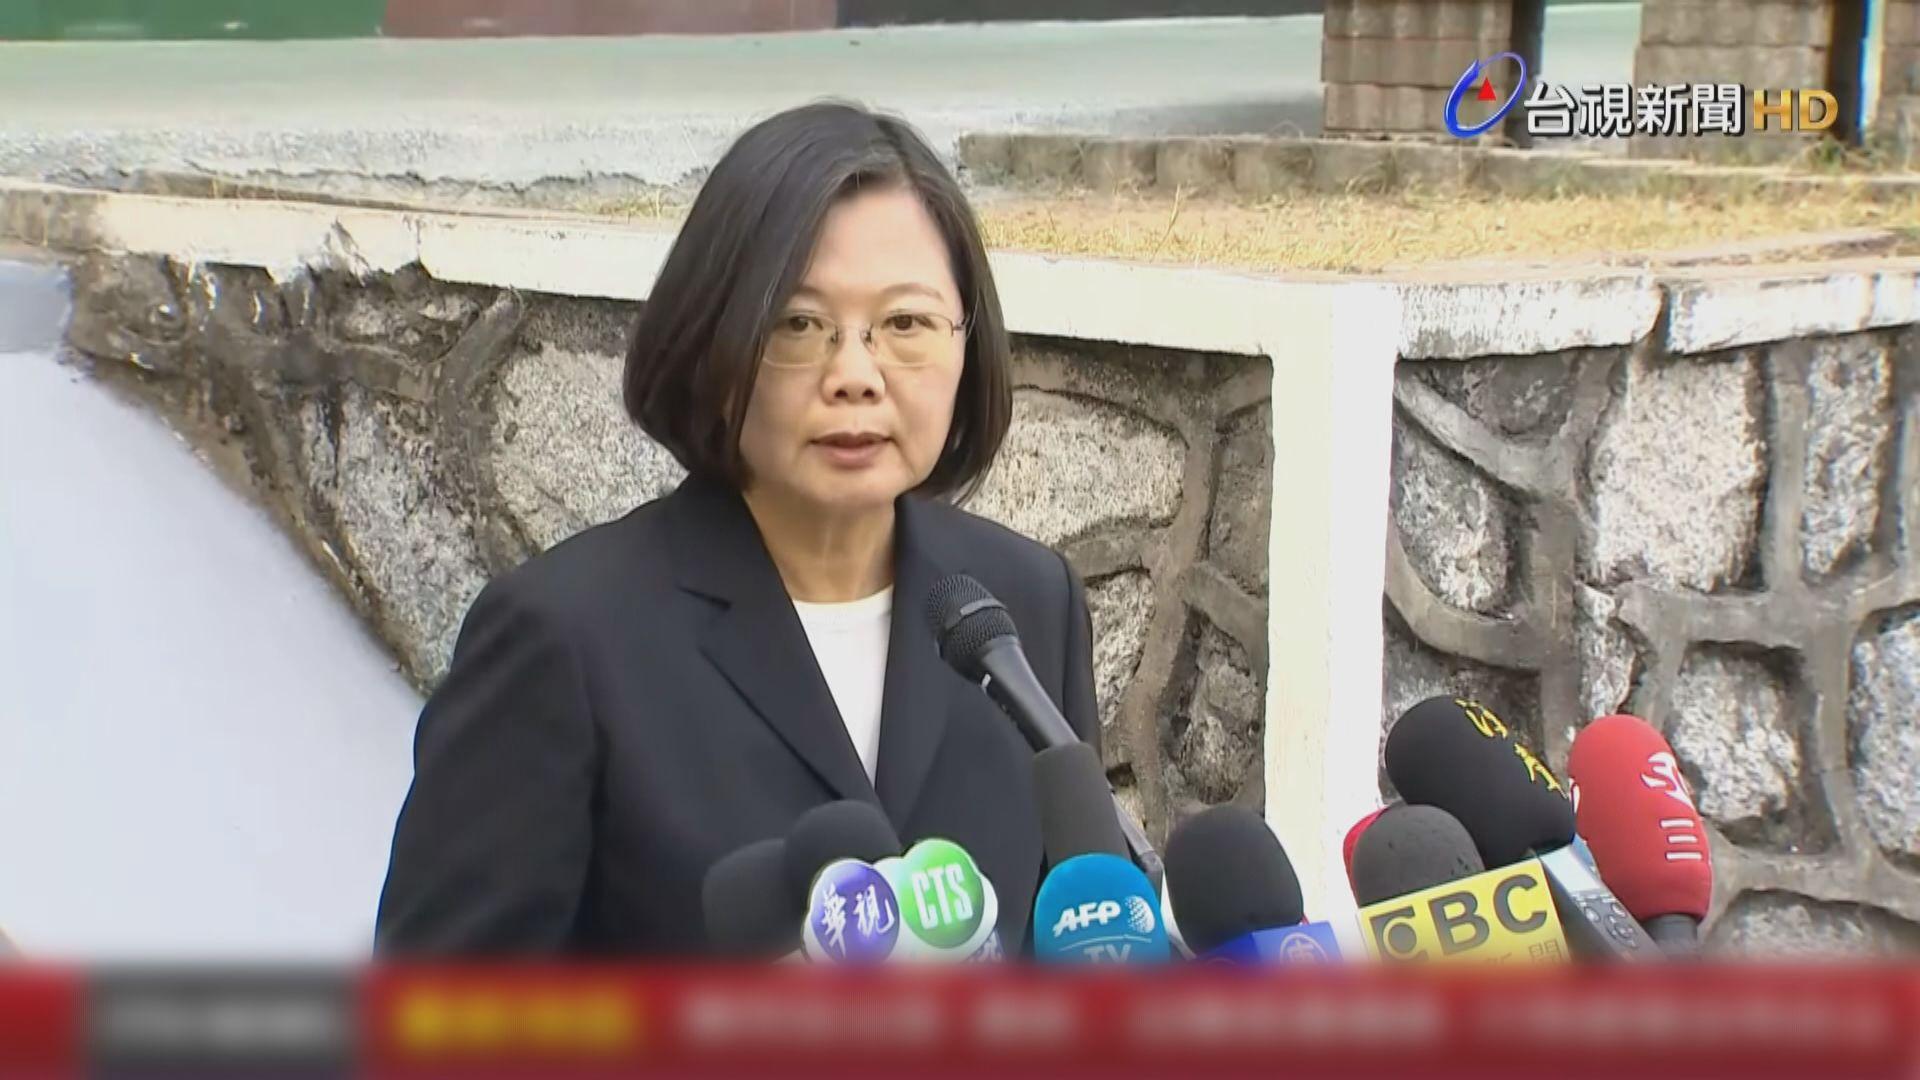 蔡英文:陳同佳是通緝對象 入境只會逮捕不能自首